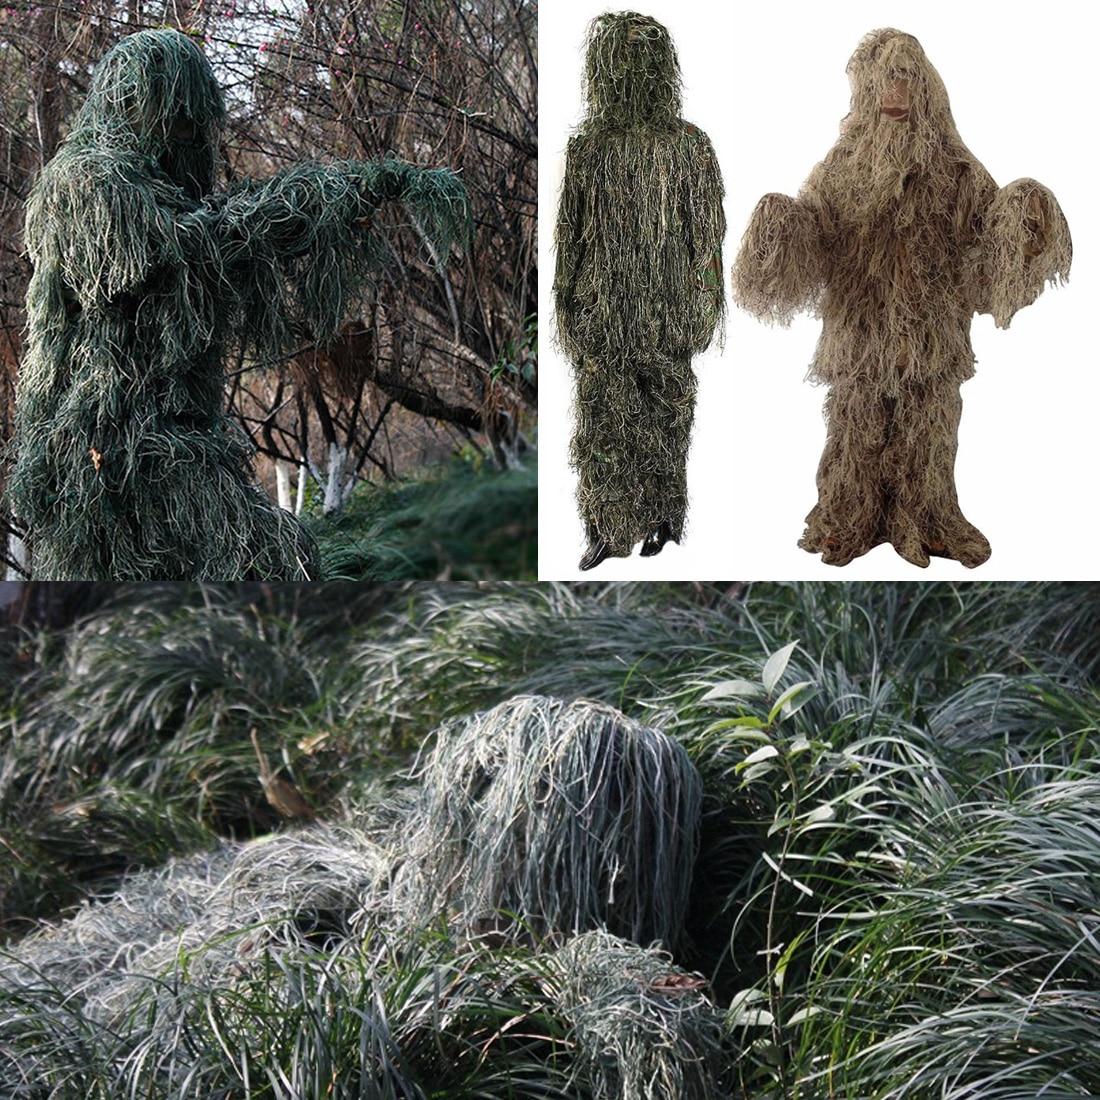 Hot New Réglable Taille Unisexe Camouflage Costumes Woodland Vêtements Ghillie Costume Pour La Chasse Armée Militaire Tactique Sniper Set Kits